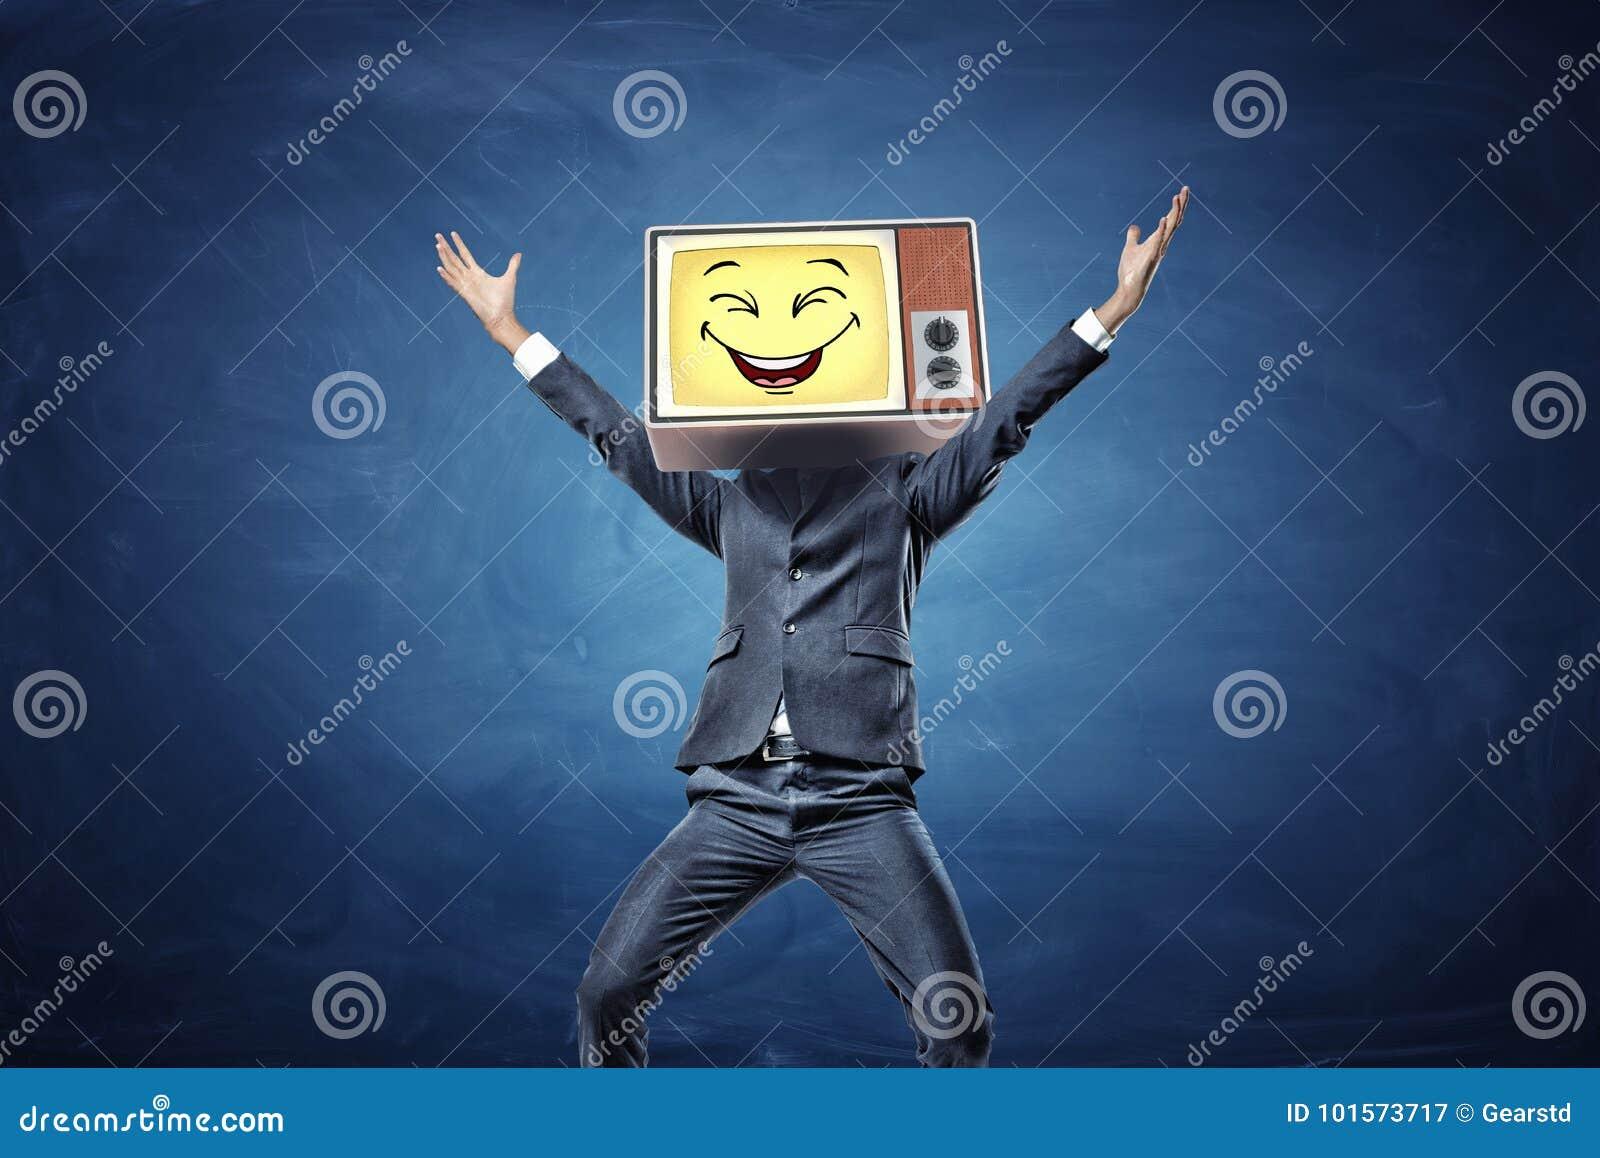 Ένας ευτυχής επιχειρηματίας με τα χέρια που αυξάνονται στη νίκη έχει μια αναδρομική TV με ένα κίτρινο πρόσωπο smiley αντί του κεφ